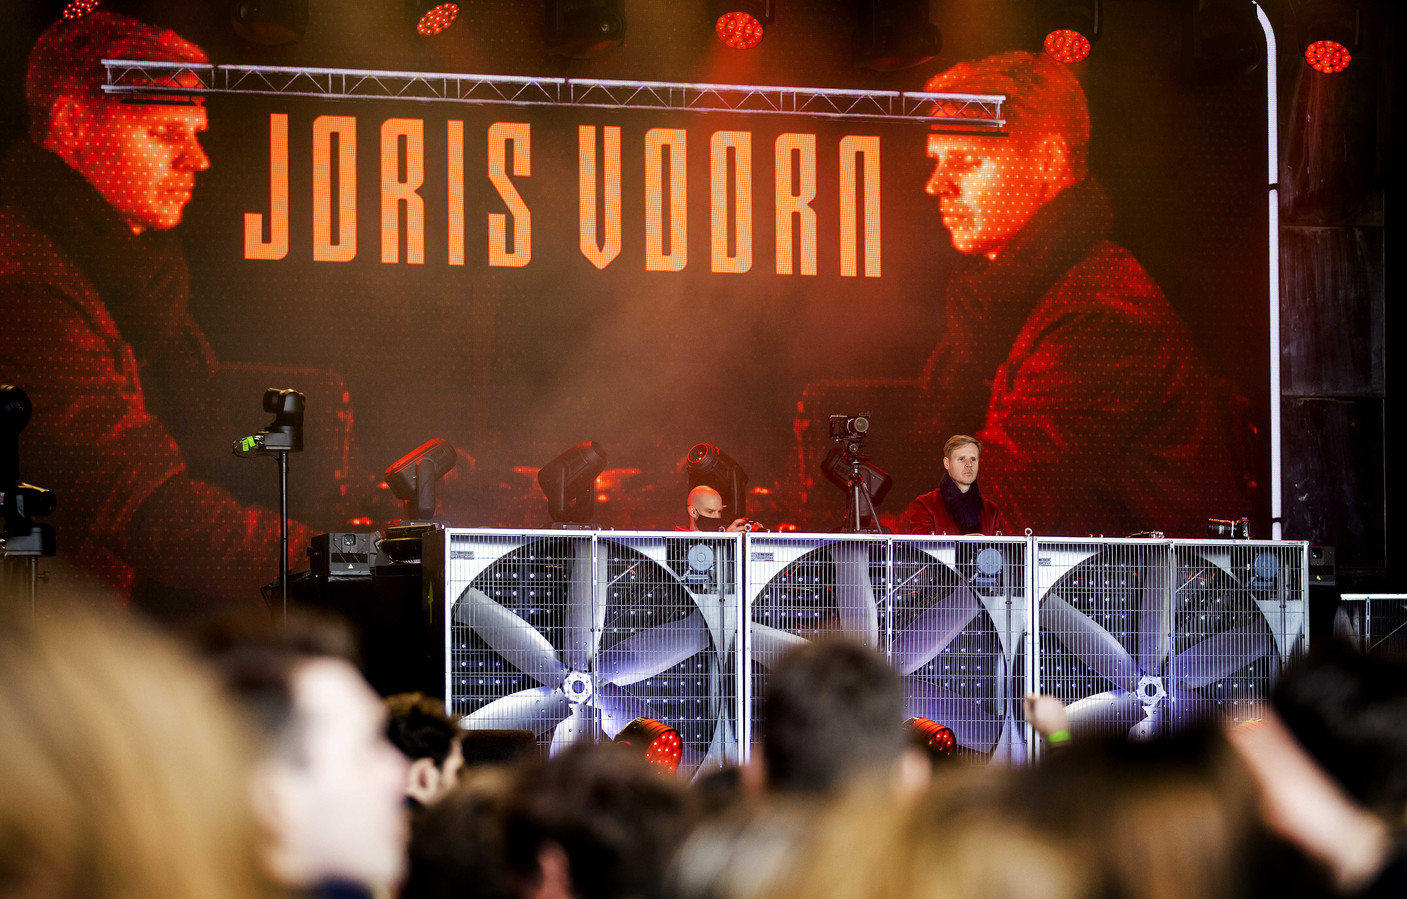 De Nederlandse dj Joris Voorn tijdens het dancefestival.